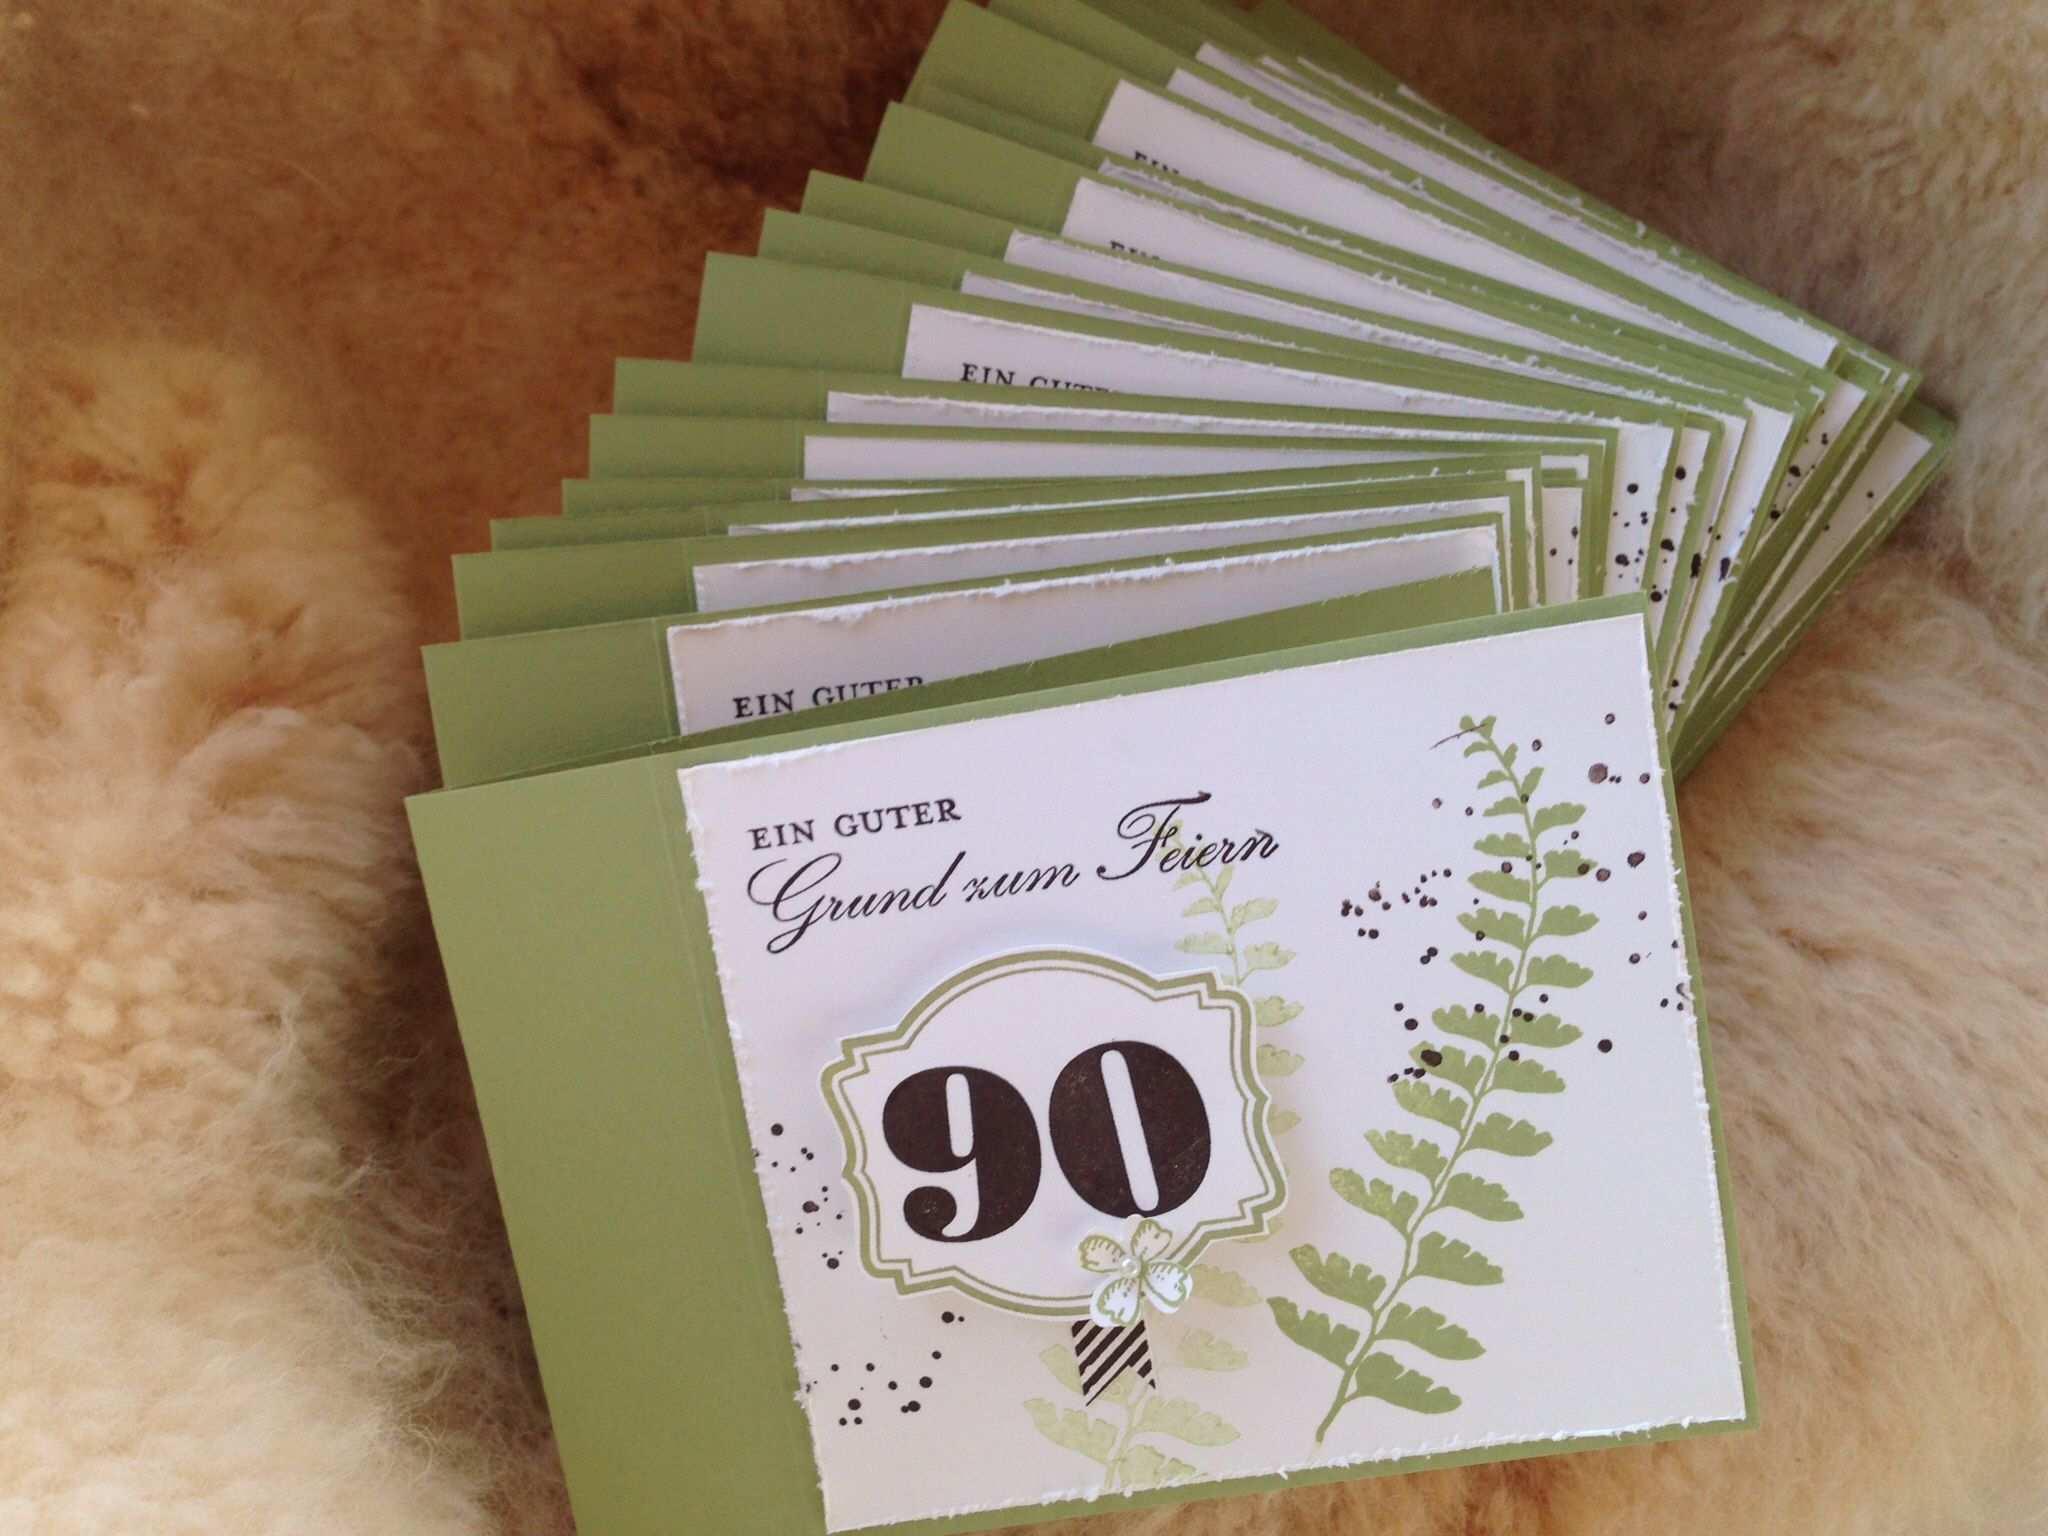 Einladung Zum 90 Geburtstag Einladungen Zum 90 Geburtstag Einladung Geburtstag Einladung Runder Geburtstag